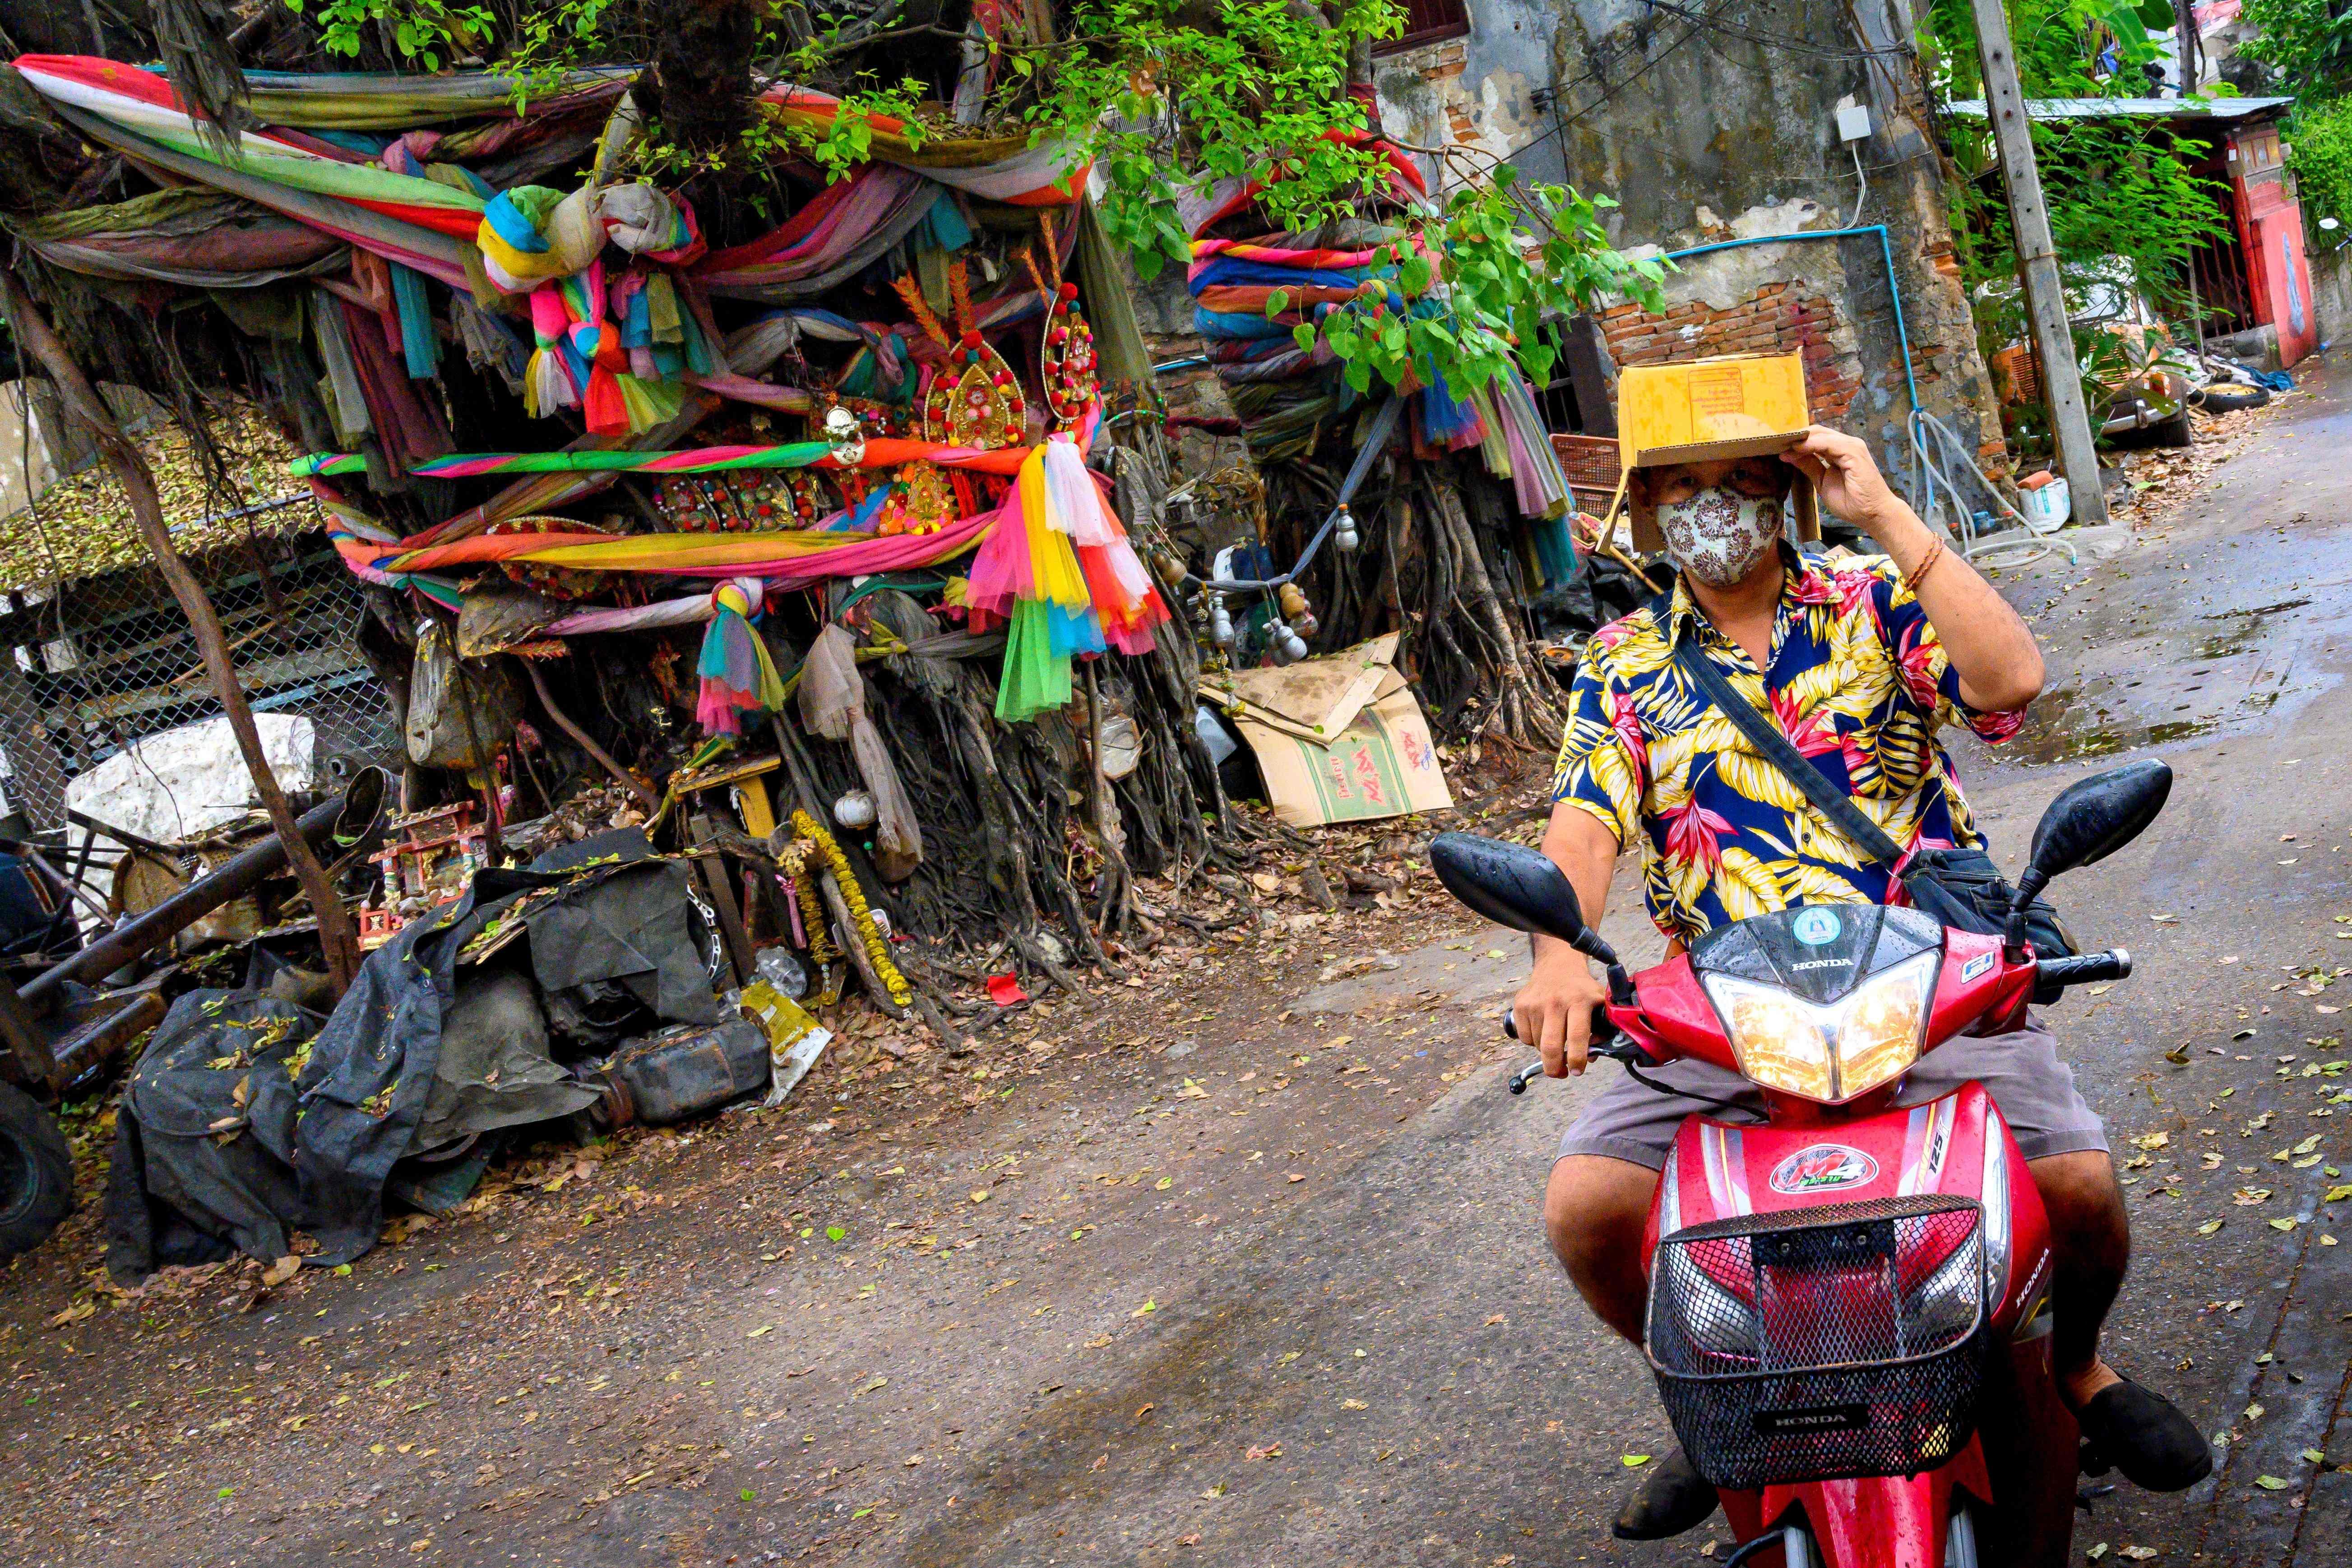 泰国国家紧急状态令及宵禁·将延长至5月底